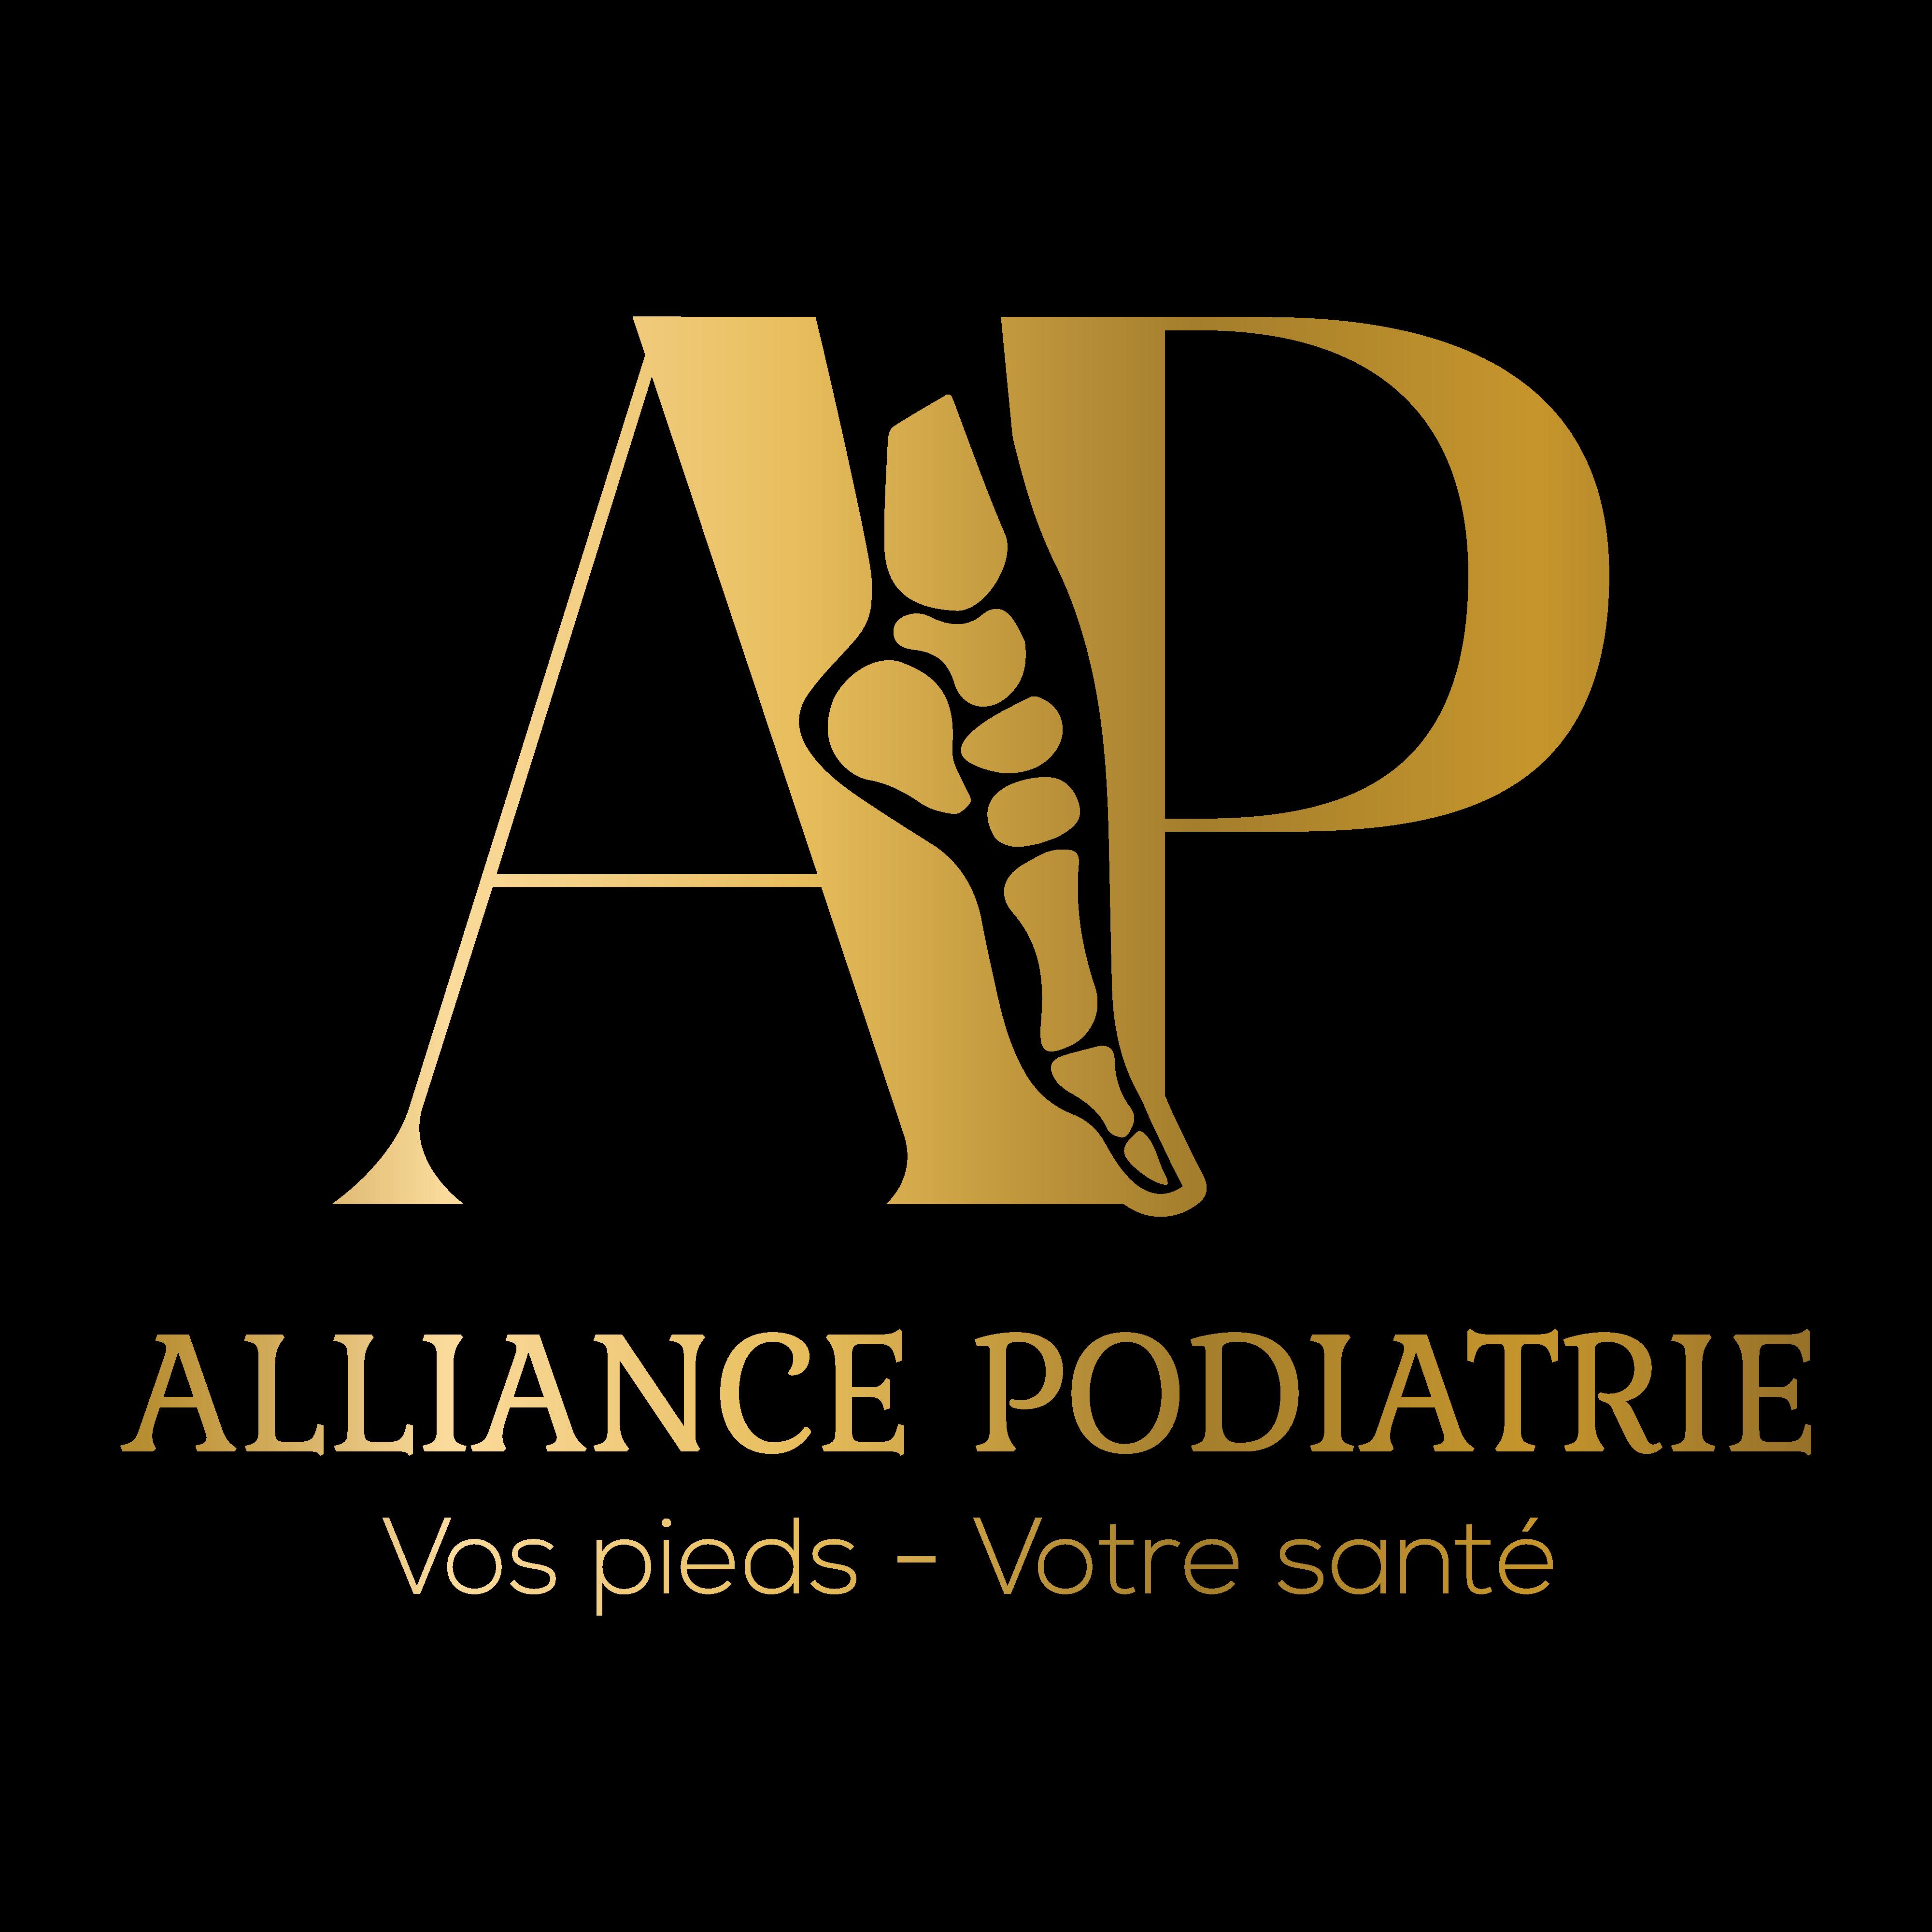 Alliance Podiatrie